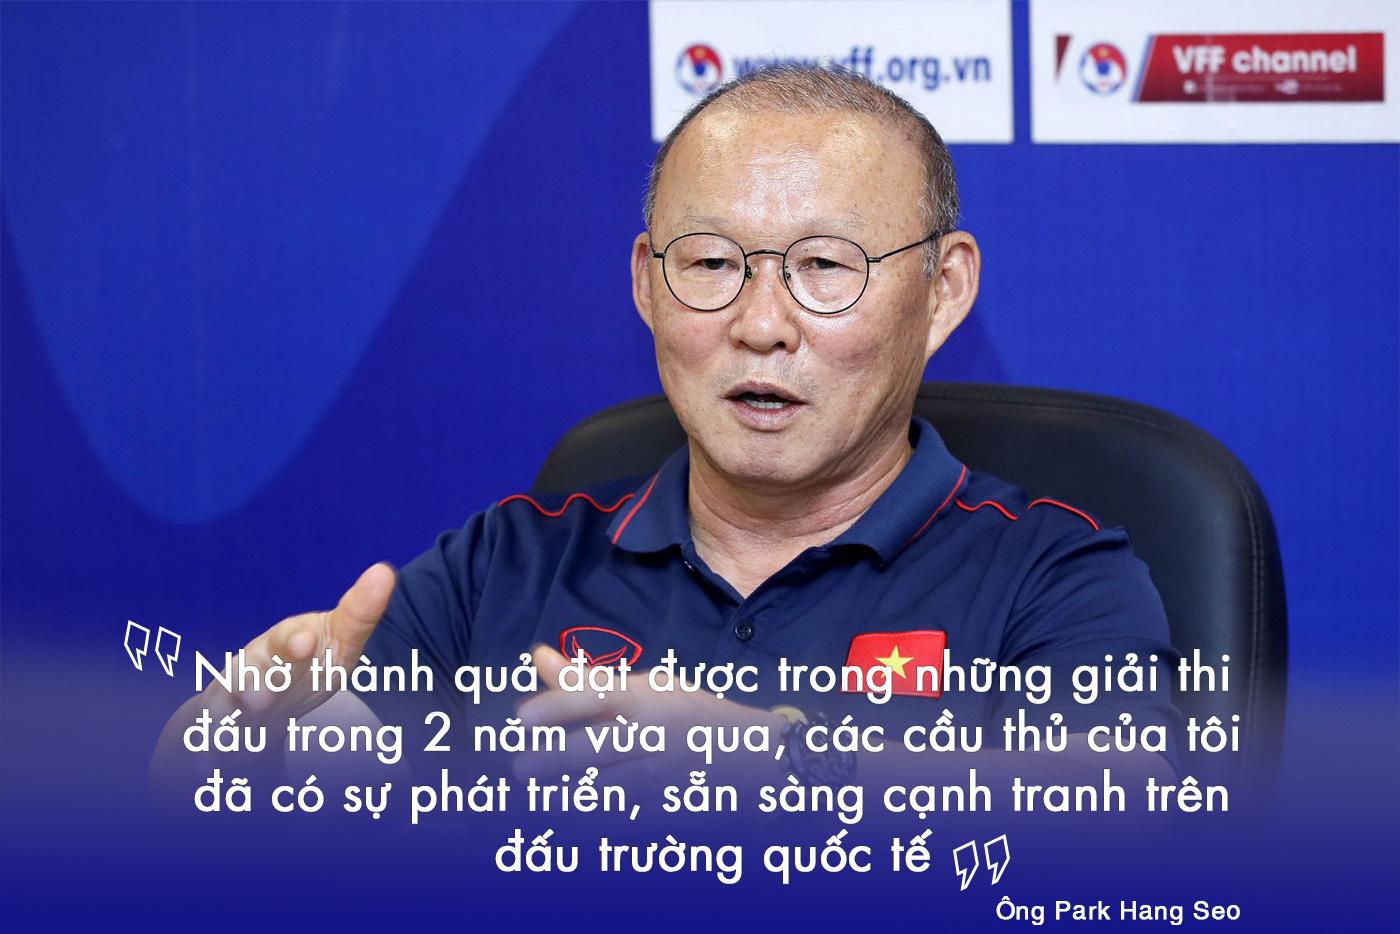 Bóng đá Việt Nam 2020: Quyết tâm giữ ngai Vàng Đông Nam Á và bơi ra biển lớn - Ảnh 8.